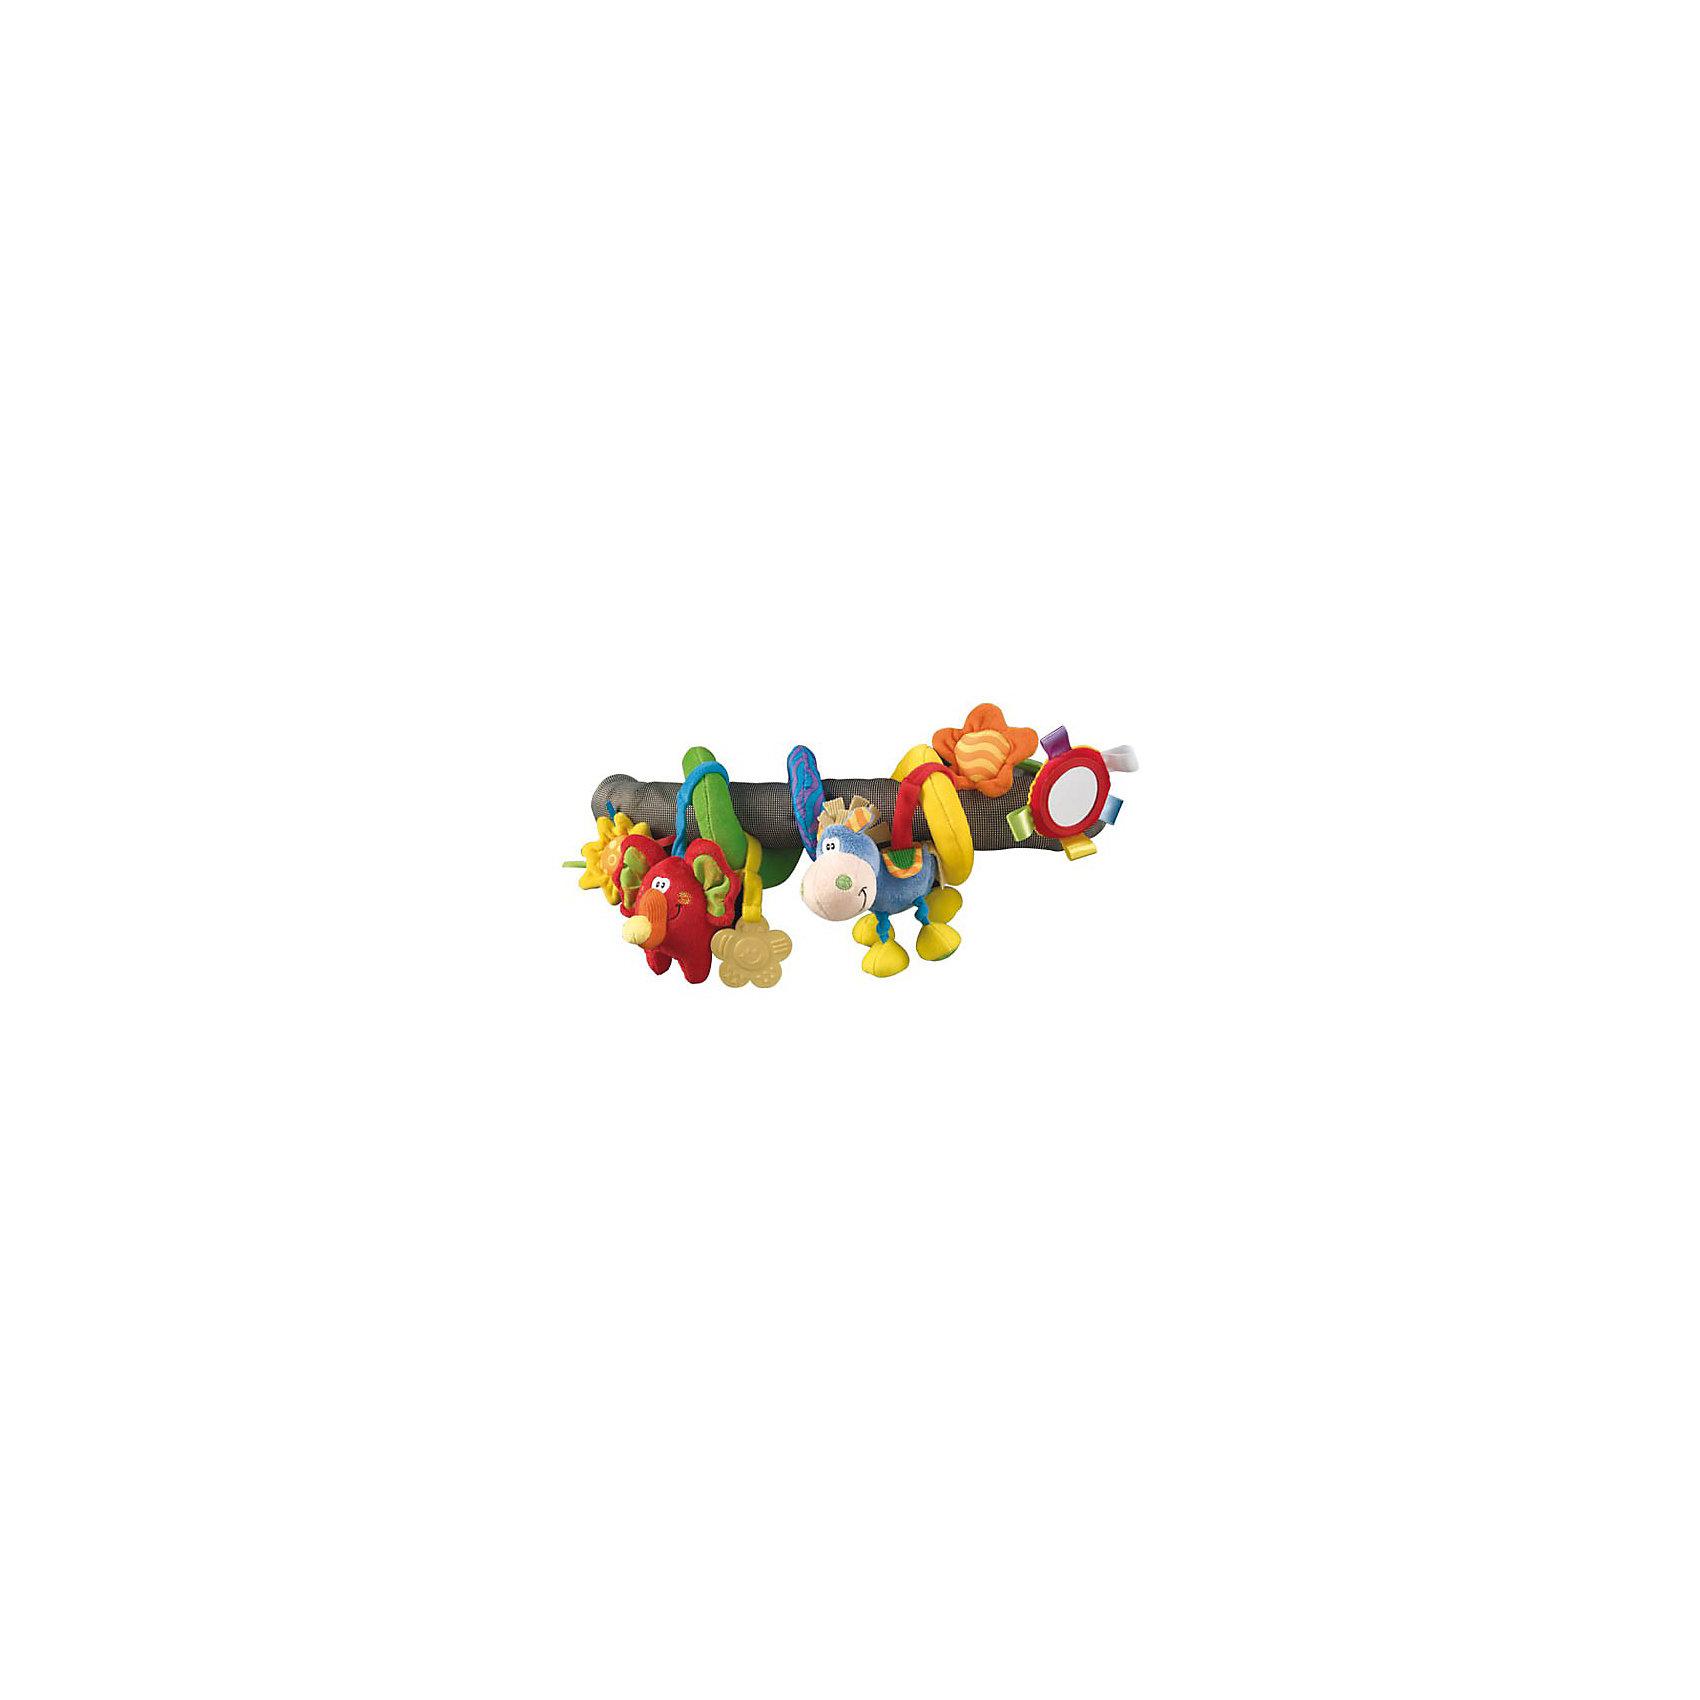 Мягкая игрушка-подвеска Toy box, PlaygroДуги и растяжки<br>Мягкая игрушка-подвеска Toy box Playgro (Плейгро) подарит ребенку много приятных эмоций и новых впечатлений.<br>Яркая игрушка-подвеска не даст скучать Вашему малышу. Игрушка позволяет развивать зрительную и двигательную координацию ребенка, хватательный рефлекс, слух. Подвеска изготовлена из мягкой, приятной на ощупь ткани ярких цветов и разных фактур, что помогает в развитии осязательного и зрительного восприятия. На текстильной ленте закреплены игрушки-подвески: слоник-пищалка, ослик-погремушка, прорезыватель в форме цветка, безопасное зеркало. Игрушку легко закрепить на коляске или кроватке, просто обернув ее вокруг перекладины. Игрушка выполнена из экологически чистых материалов с соблюдением самых высоких стандартов безопасности.<br><br>Дополнительная информация:<br><br>- Материал: хлопчатобумажная ткань с мягким наполнителем<br>- Размер: 40 см.<br><br>Мягкую игрушку-подвеску Toy box Playgro (Плейгро) можно купить в нашем интернет-магазине.<br><br>Ширина мм: 240<br>Глубина мм: 80<br>Высота мм: 30<br>Вес г: 68<br>Возраст от месяцев: 0<br>Возраст до месяцев: 24<br>Пол: Унисекс<br>Возраст: Детский<br>SKU: 2327584